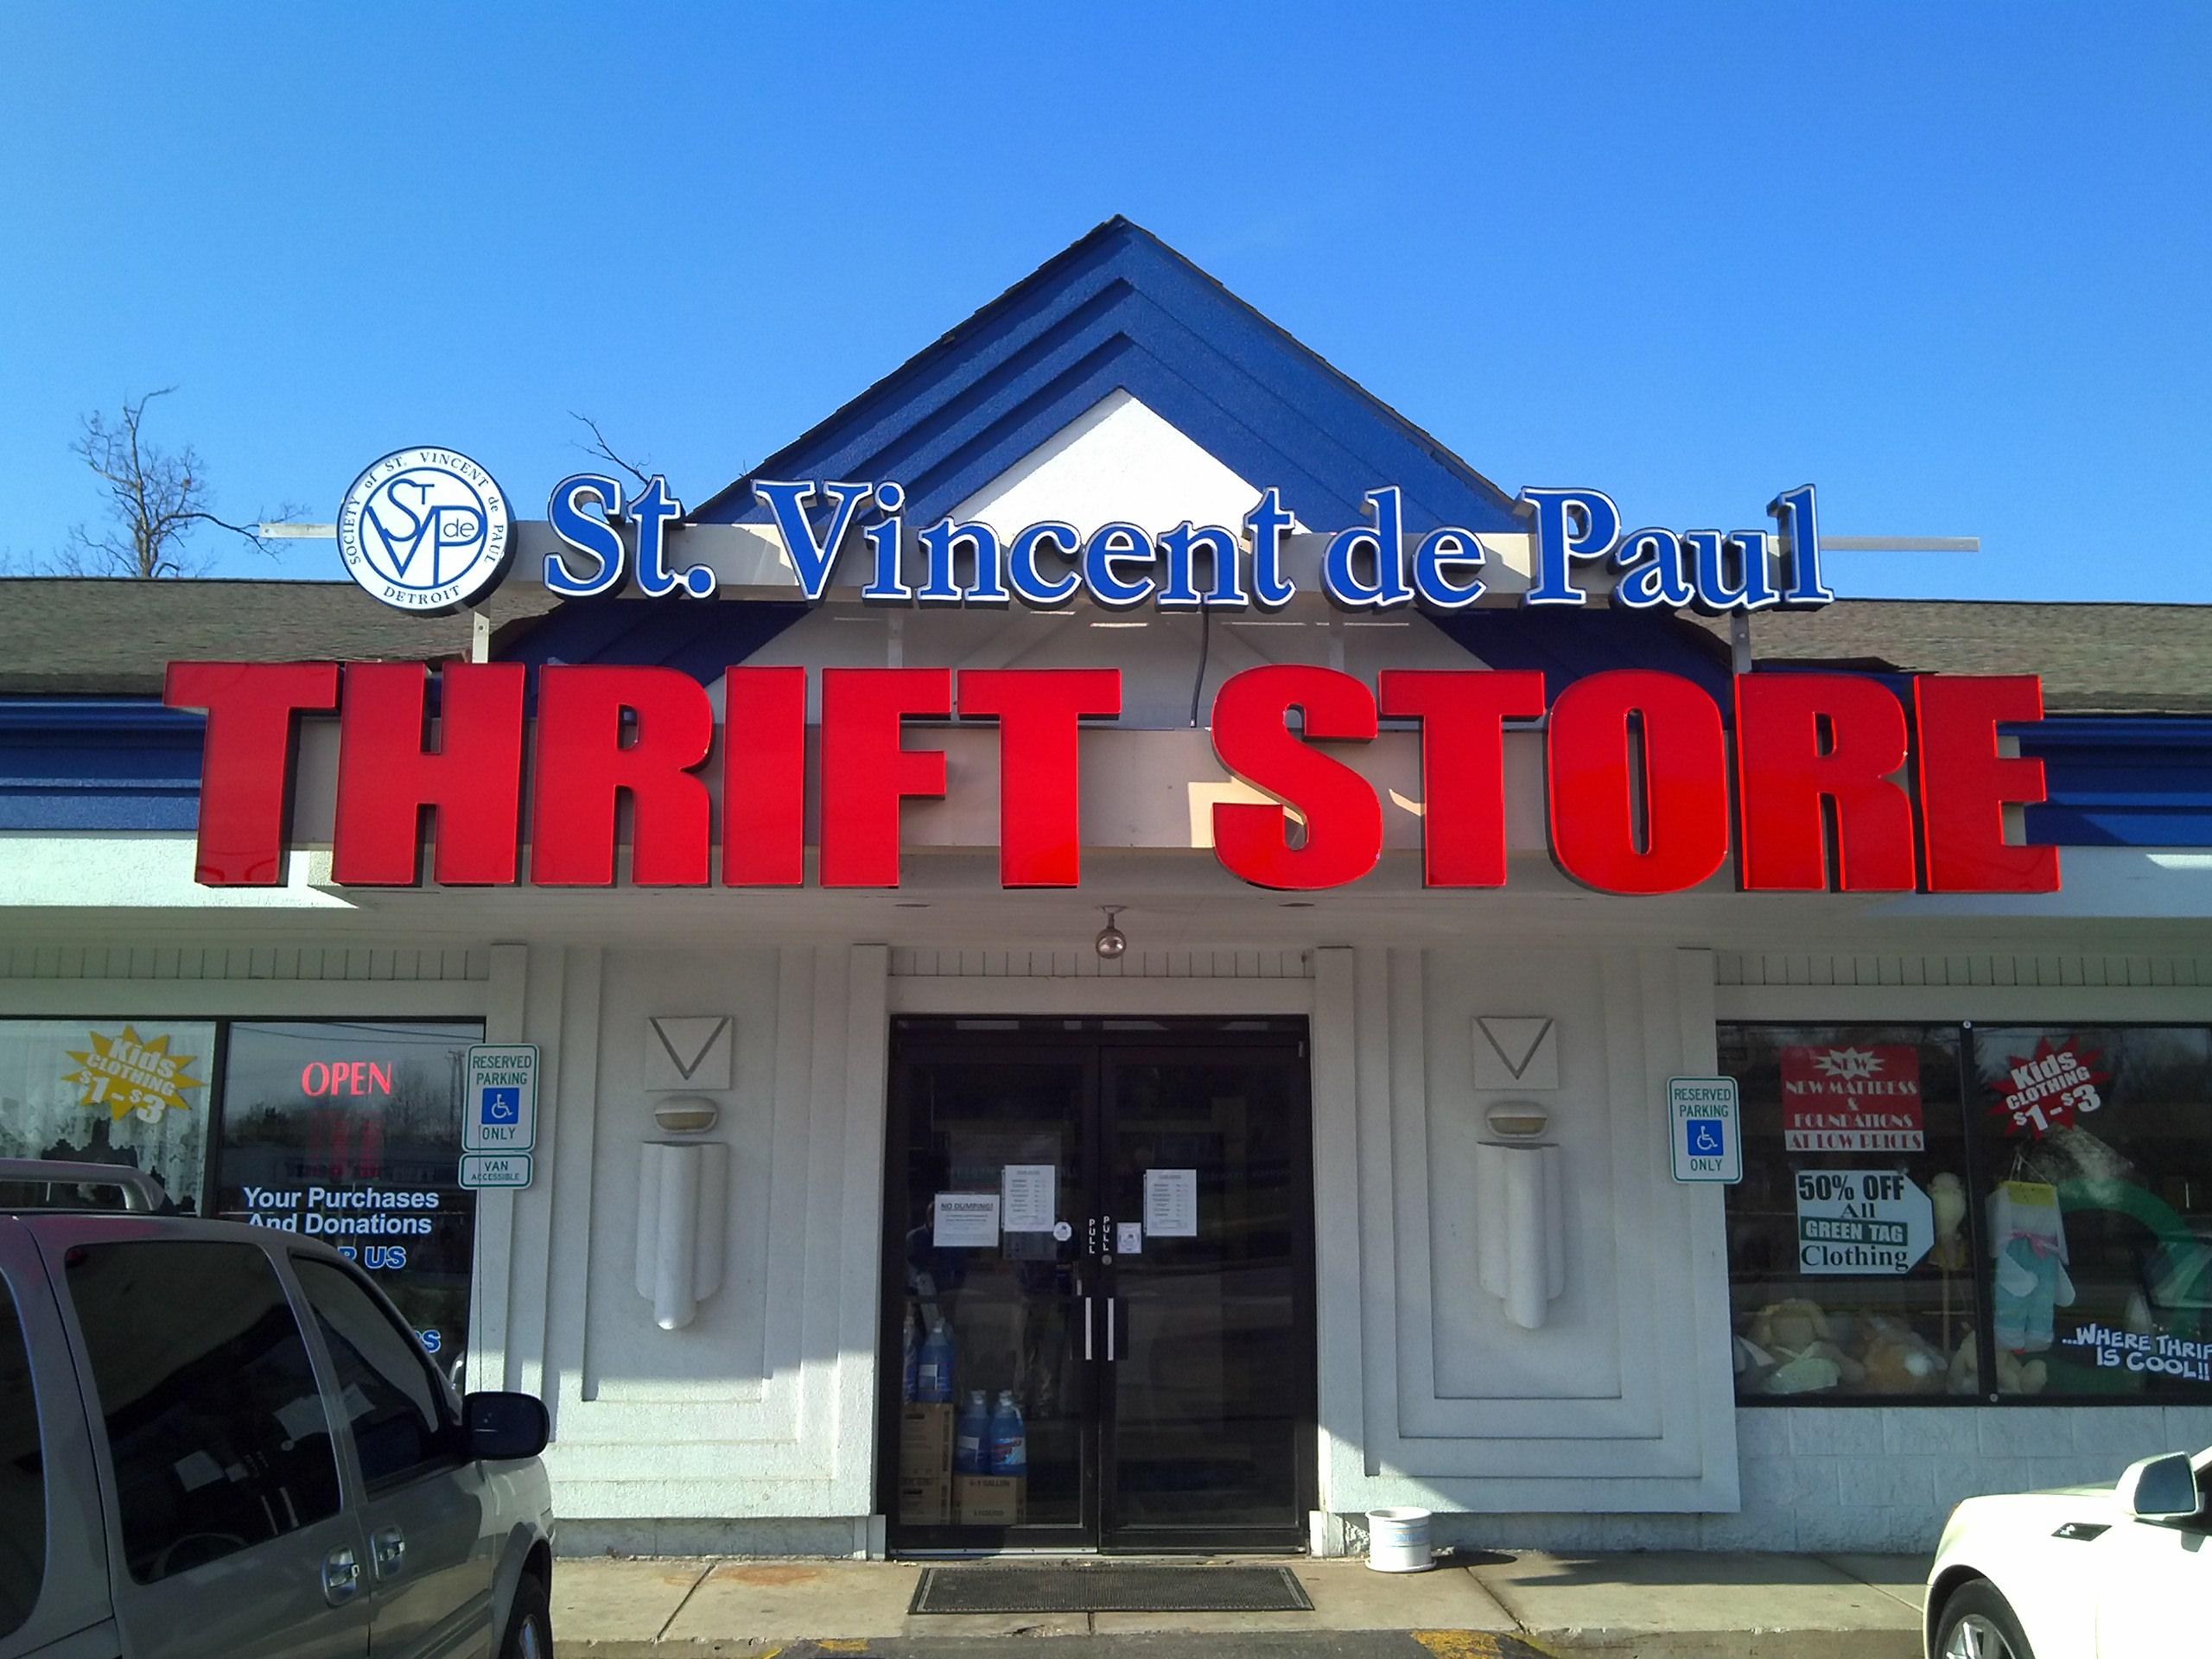 Thrift Stores | St. Vincent de Paul Detroit